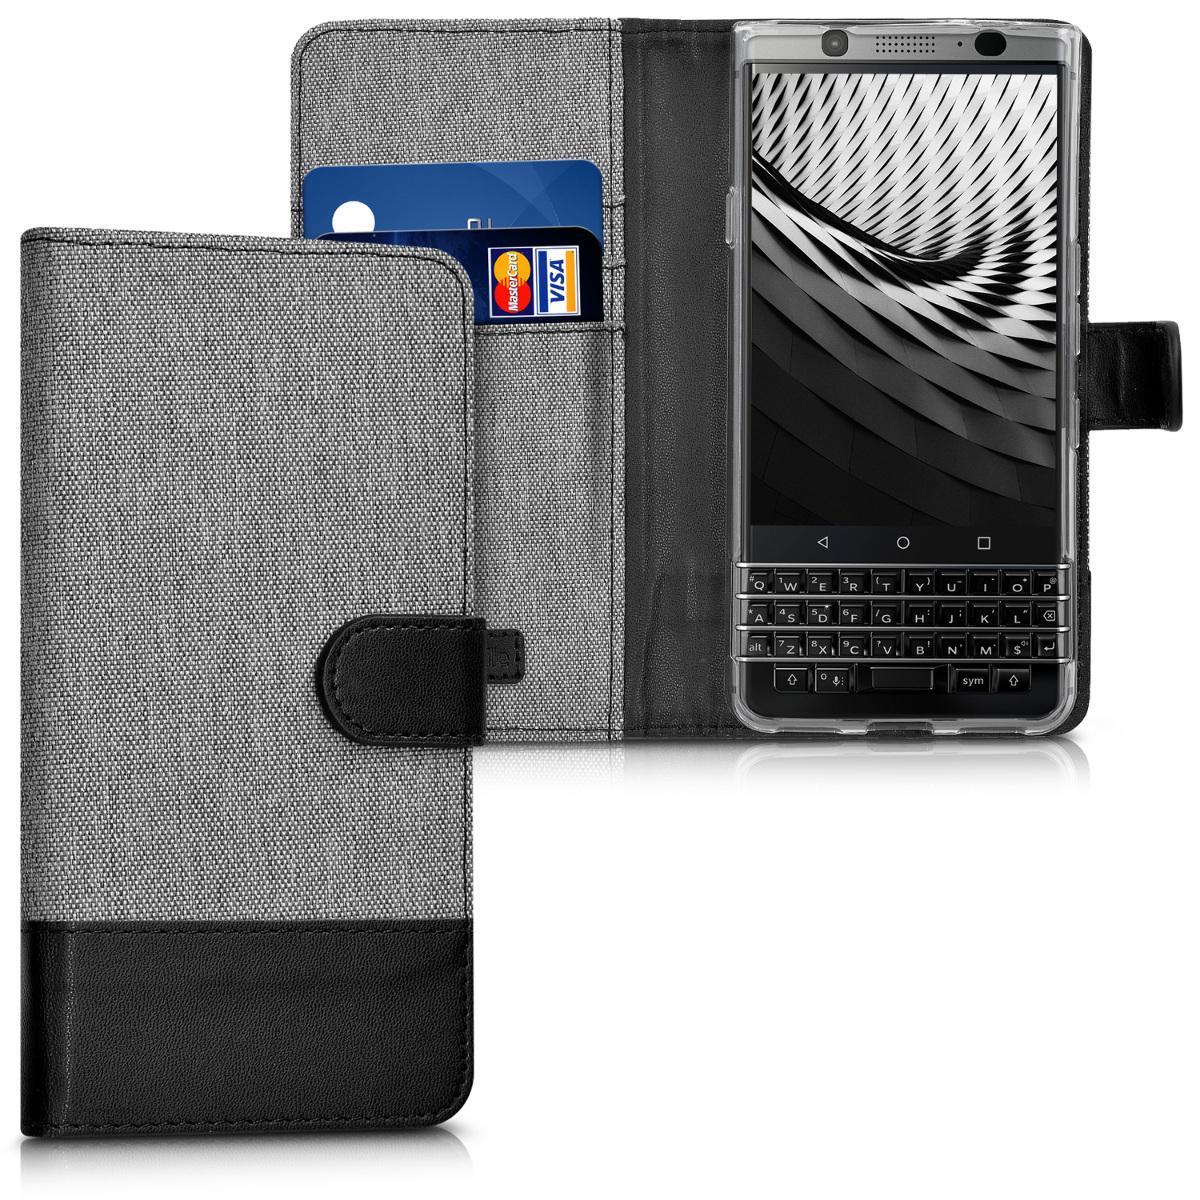 KW Θήκη Πορτοφόλι Blackberry KEYone (Key1) - Συνθετικό δέρμα - Grey / Black (41862.22)